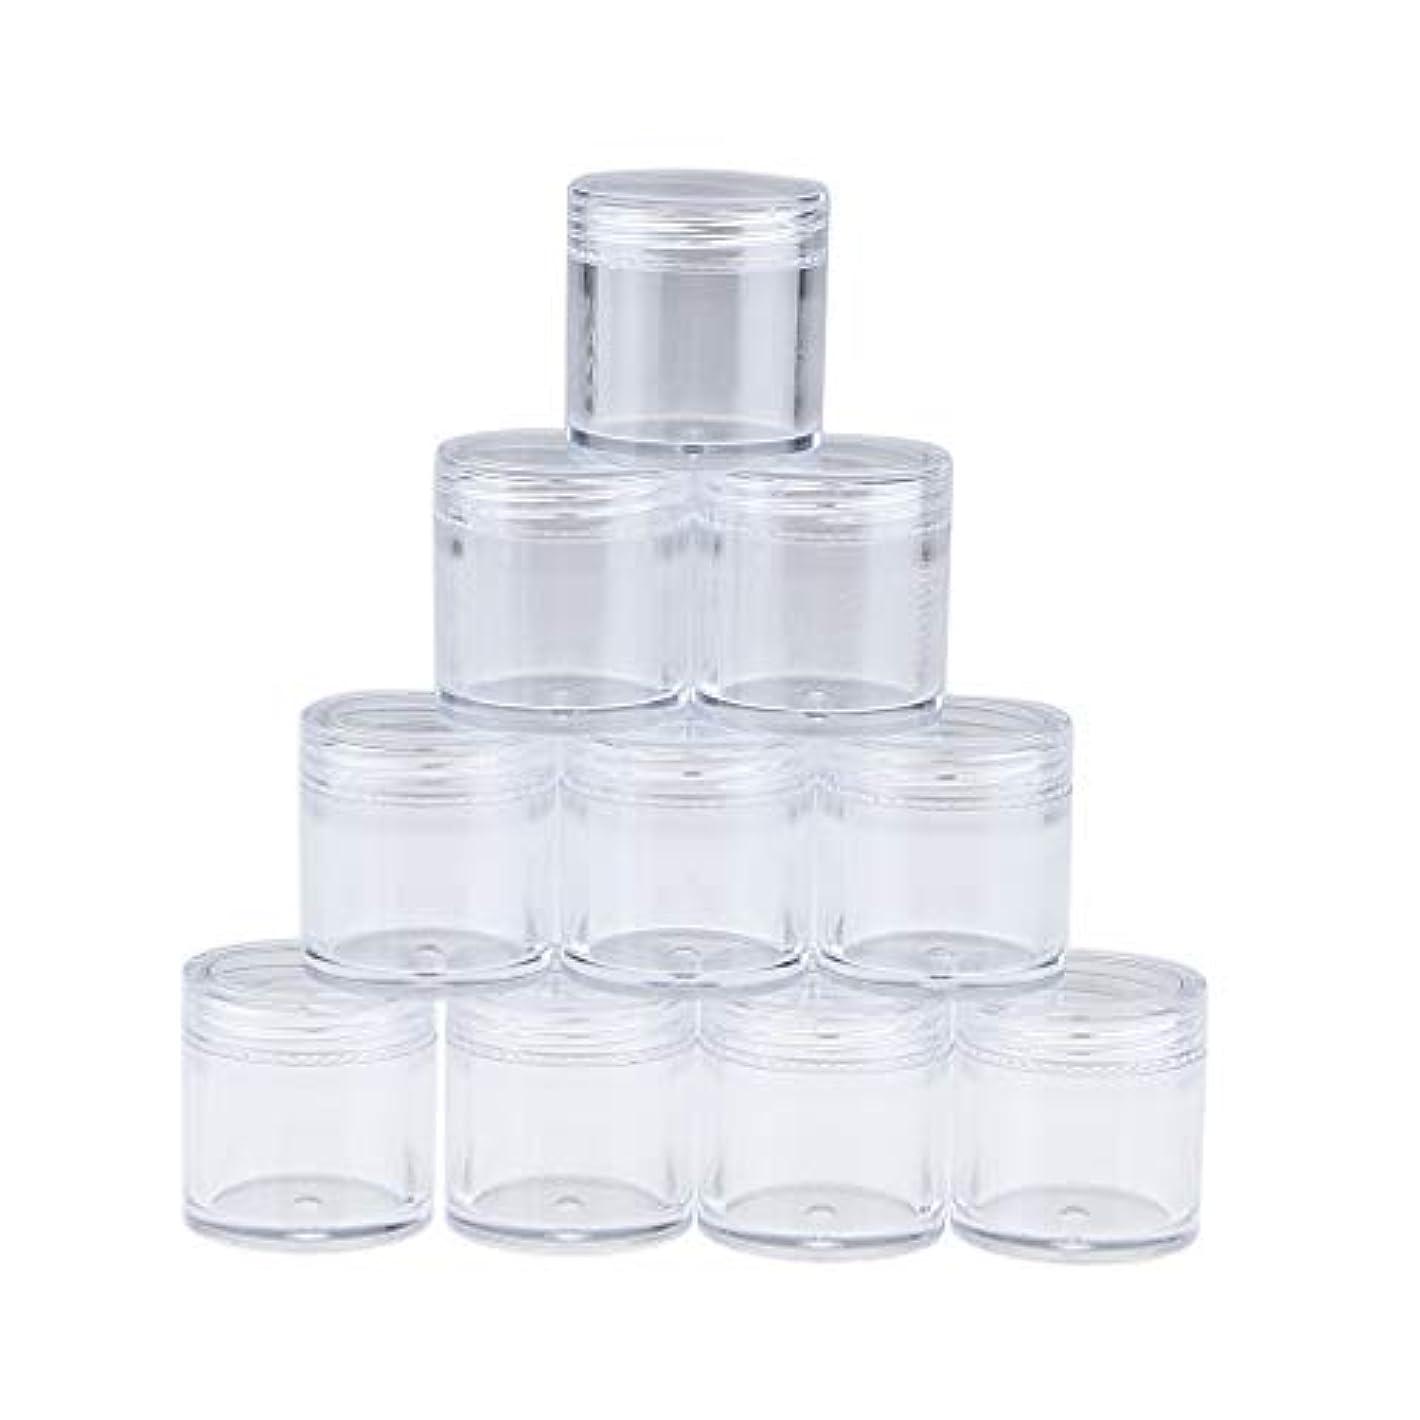 十分ではない輪郭勝つ10個のプラスチック製の透明な空のクリームジャー、透明なスクリューキャップの蓋付きの化粧品サンプルラウンドポットコンテナ、メイクアップ用の小さなパウダーボトル - 10g(B)